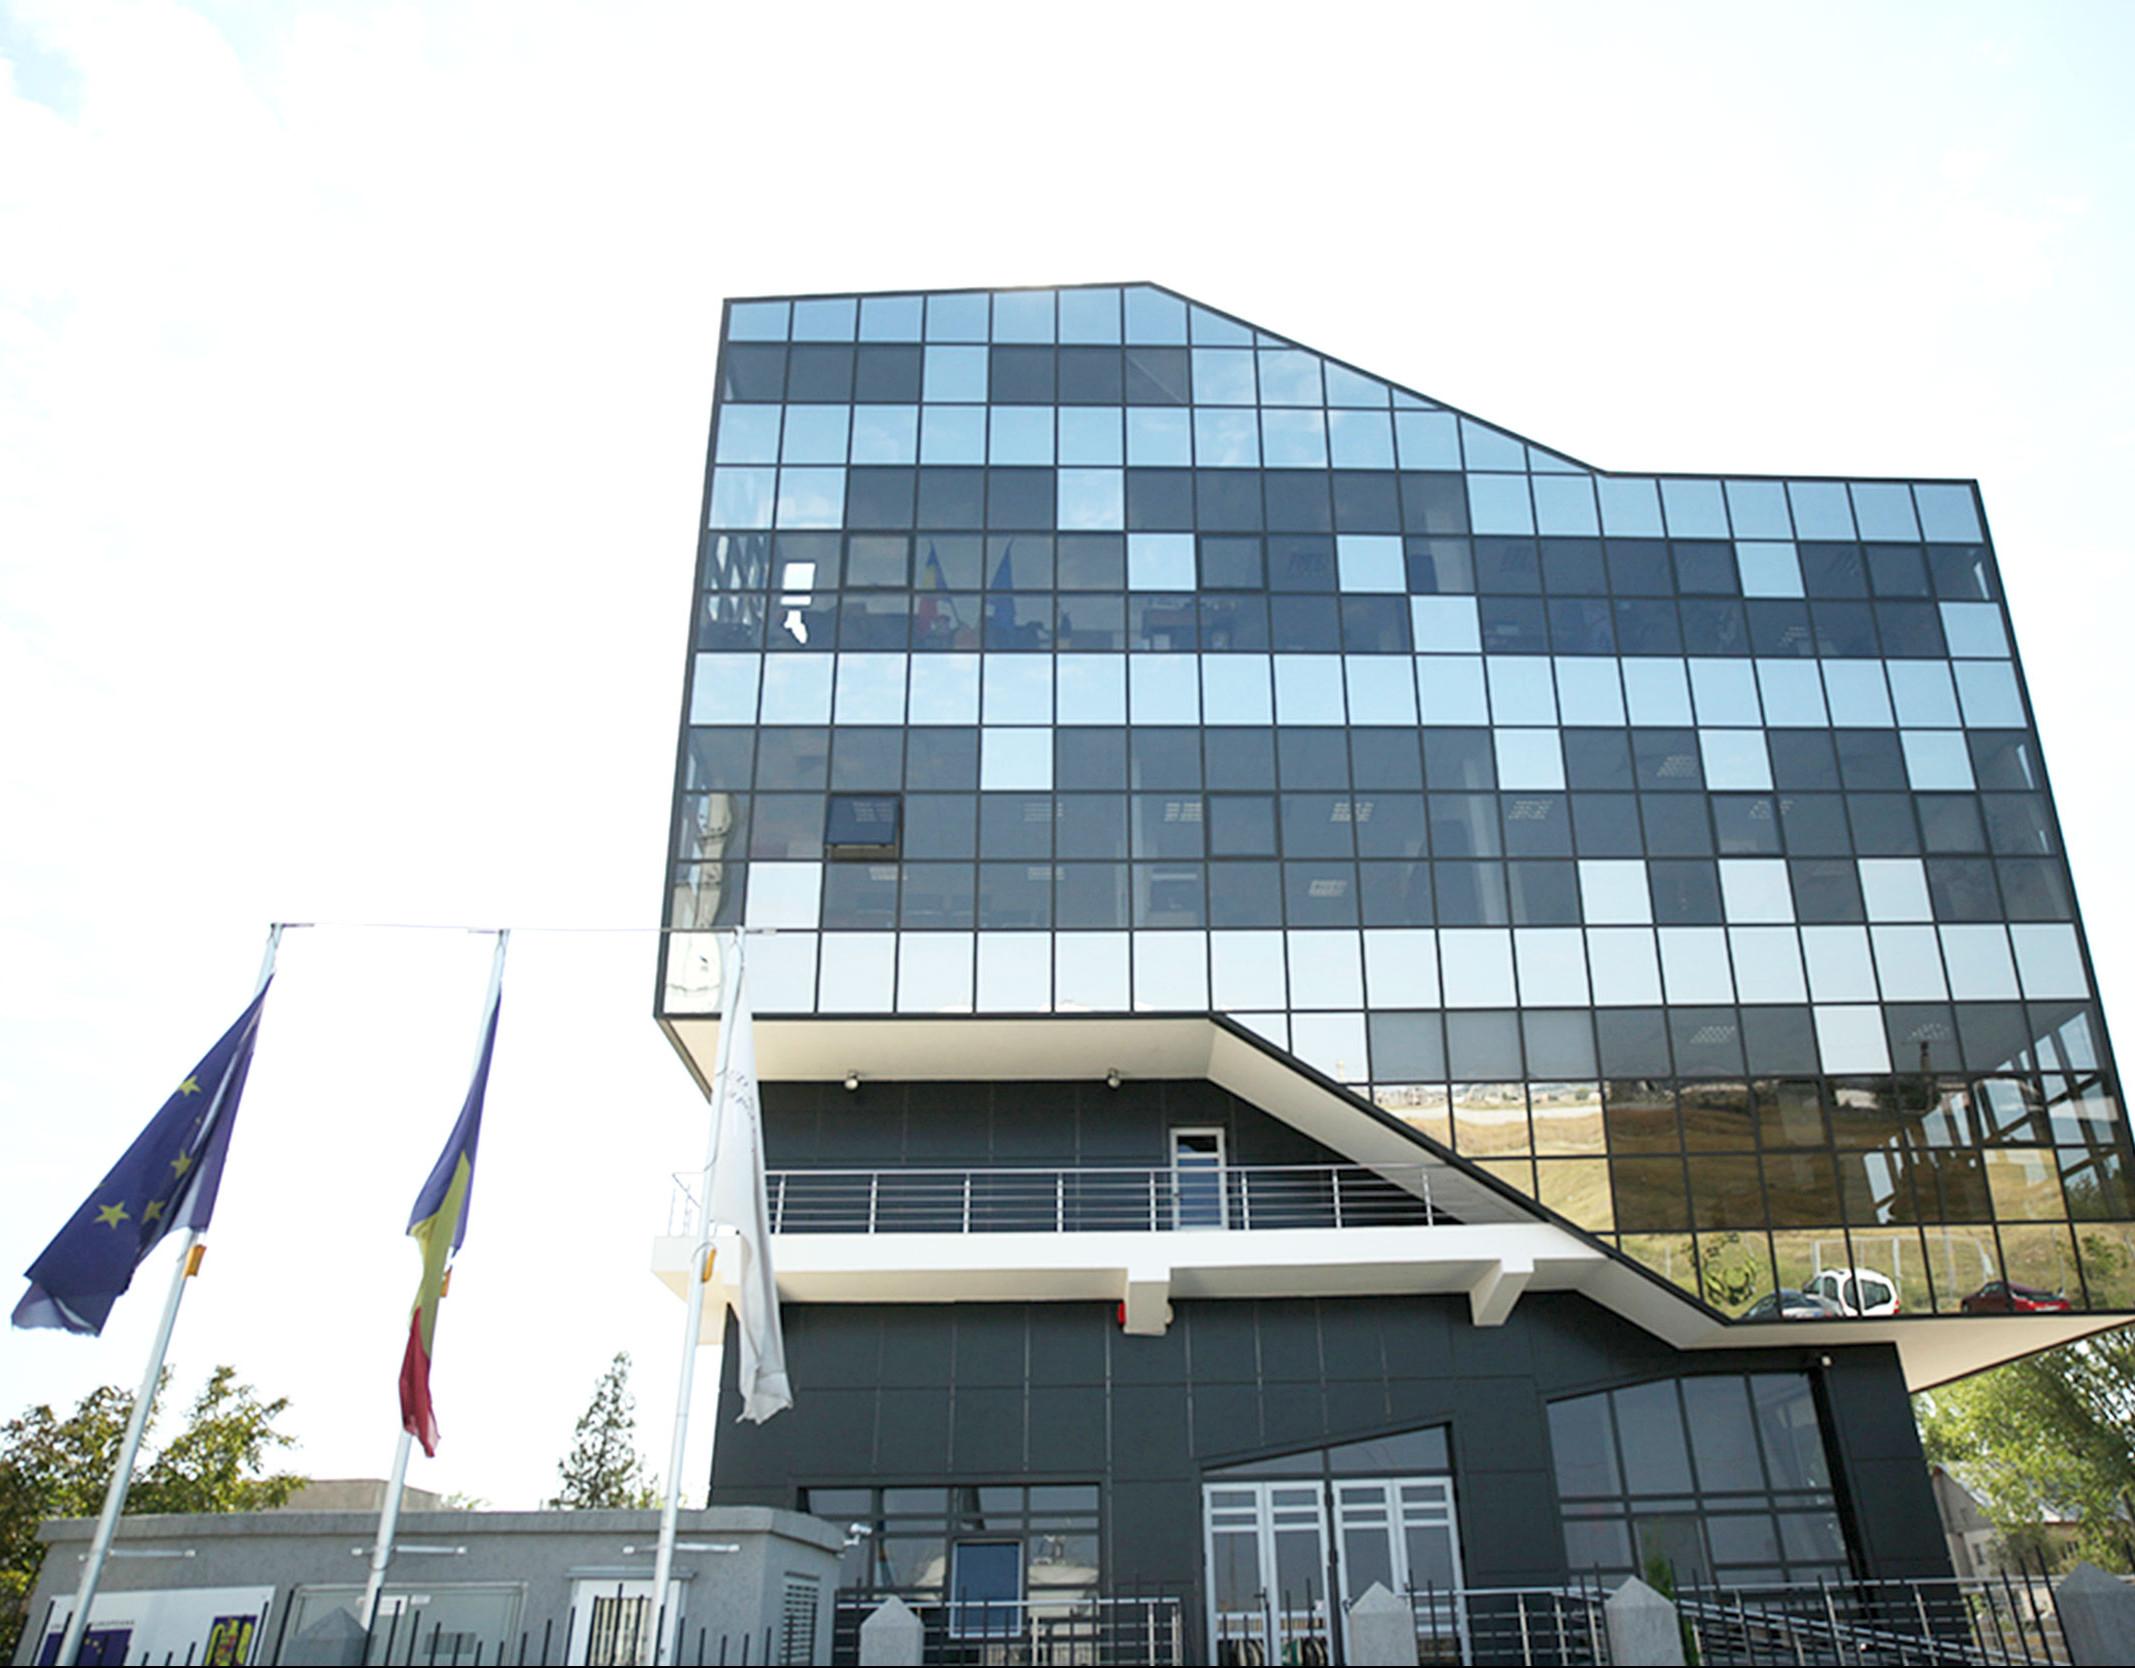 Concurs pentru ocuparea unui post de expert în cadrul Serviciului Monitorizare, Direcția Organism Intermediar POR, la biroul județean Dâmbovița, în data de 27 aprilie 2021